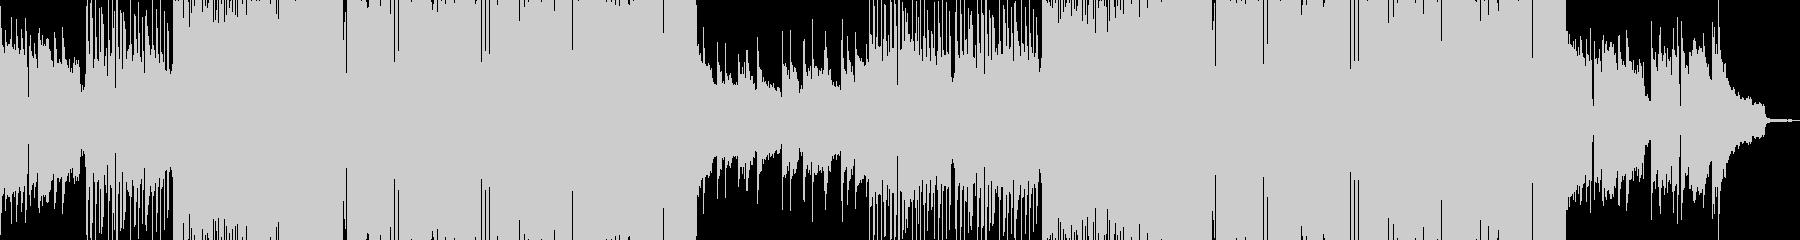 しっとりピアノ系フューチャーベースの未再生の波形